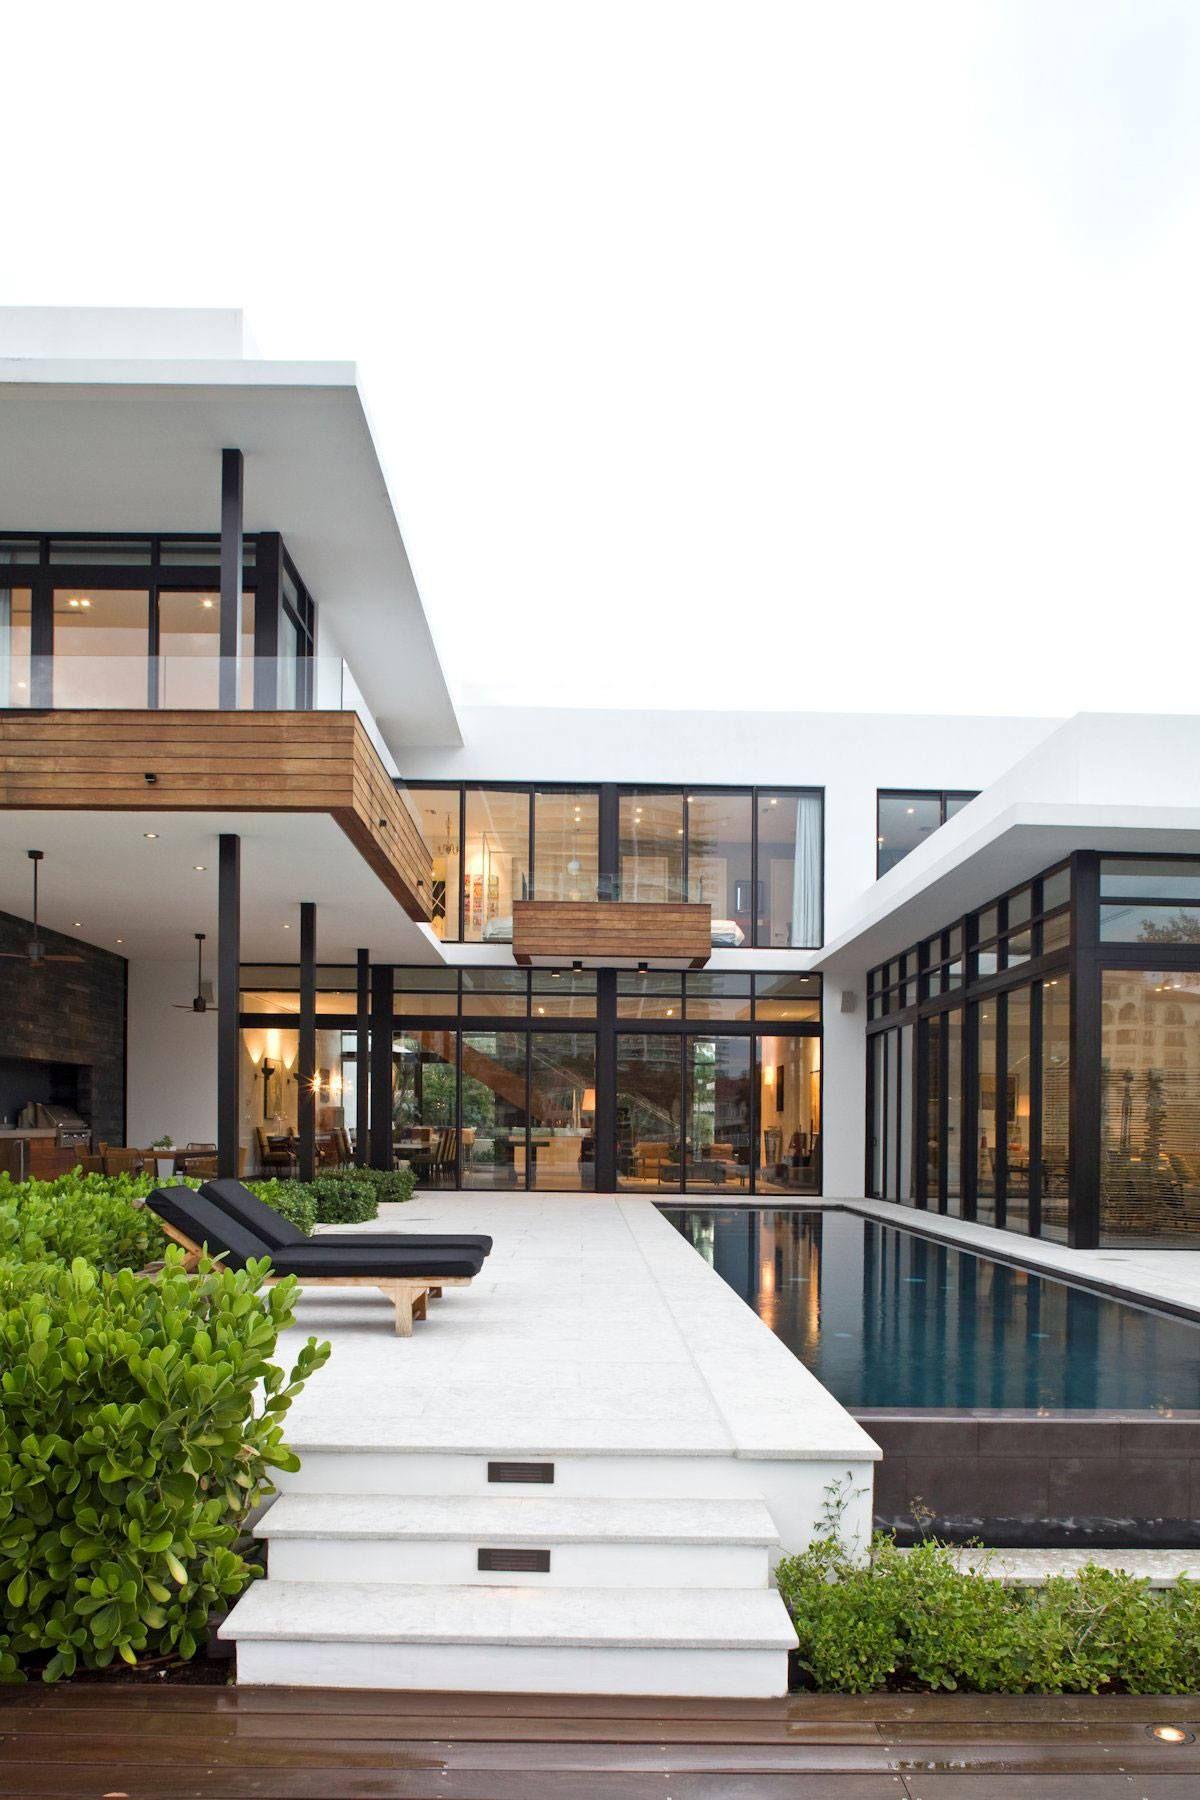 HomeDSGN | Dream houses | Pinterest | Exterior design, Architecture ...